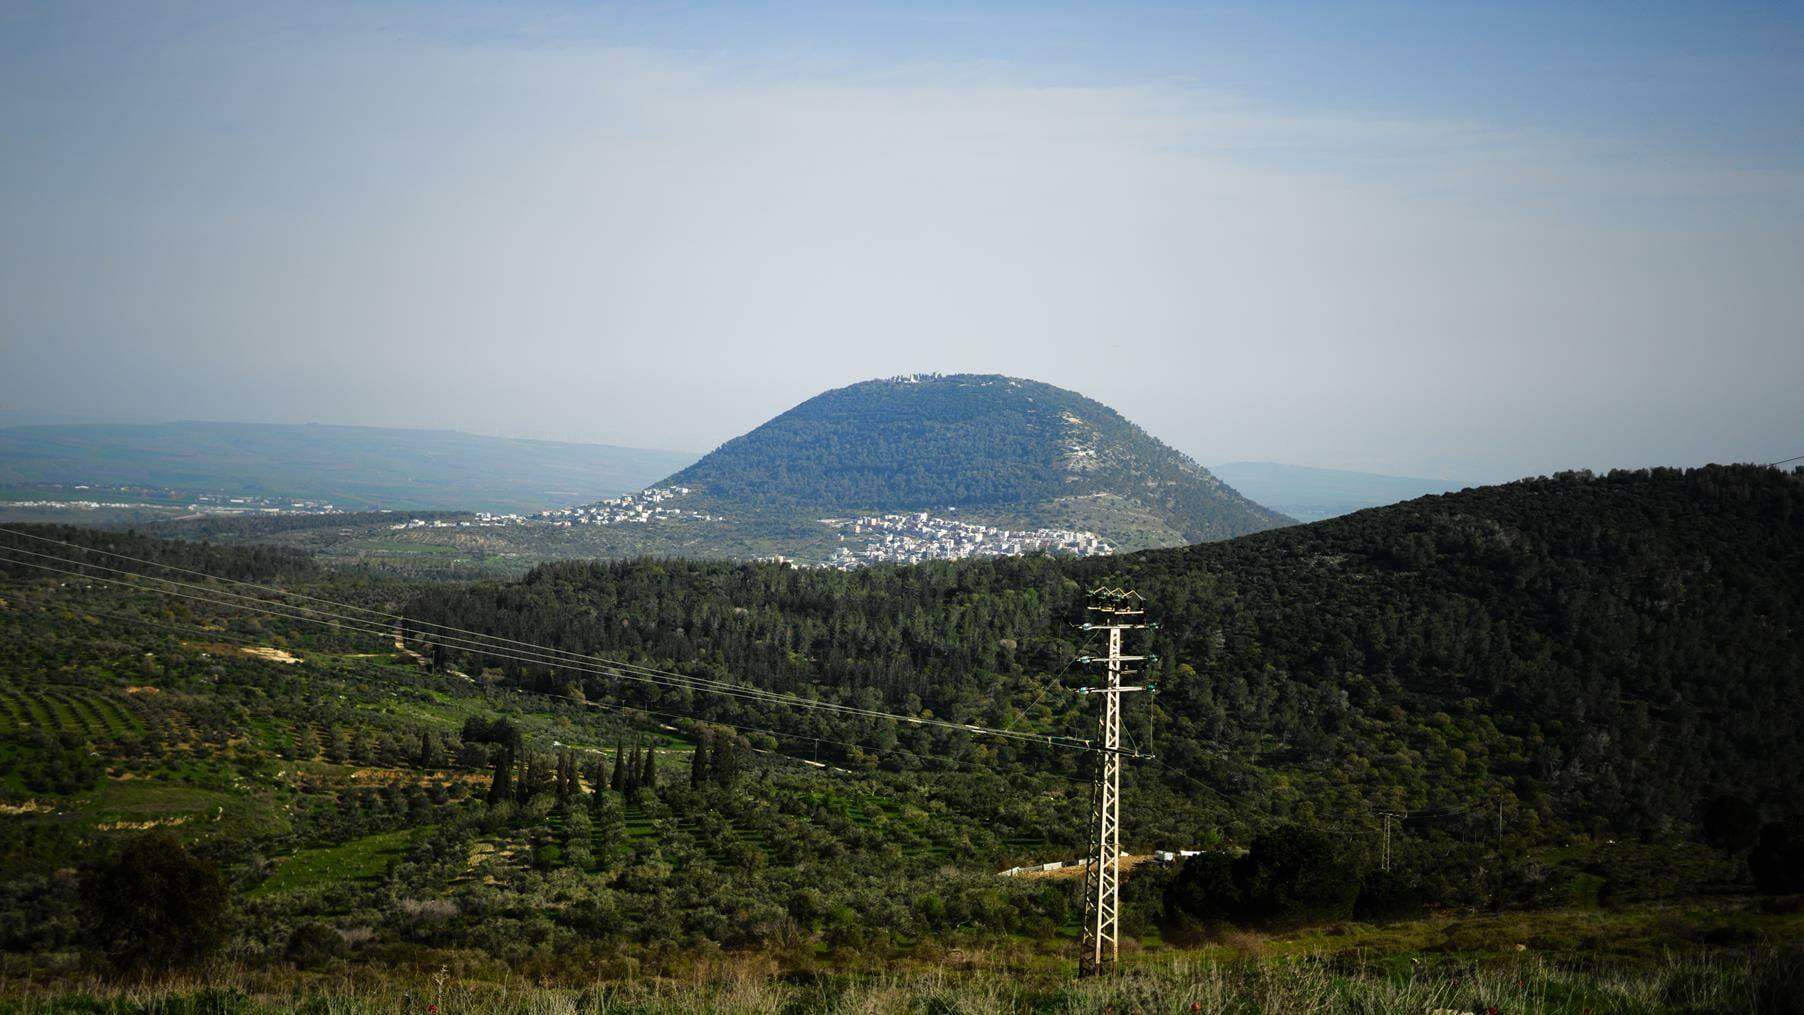 תצפית מהר יונה - שמורת האיריס הנצרתי - נצרת אל הר תבור, צילום: יוסי אביטל